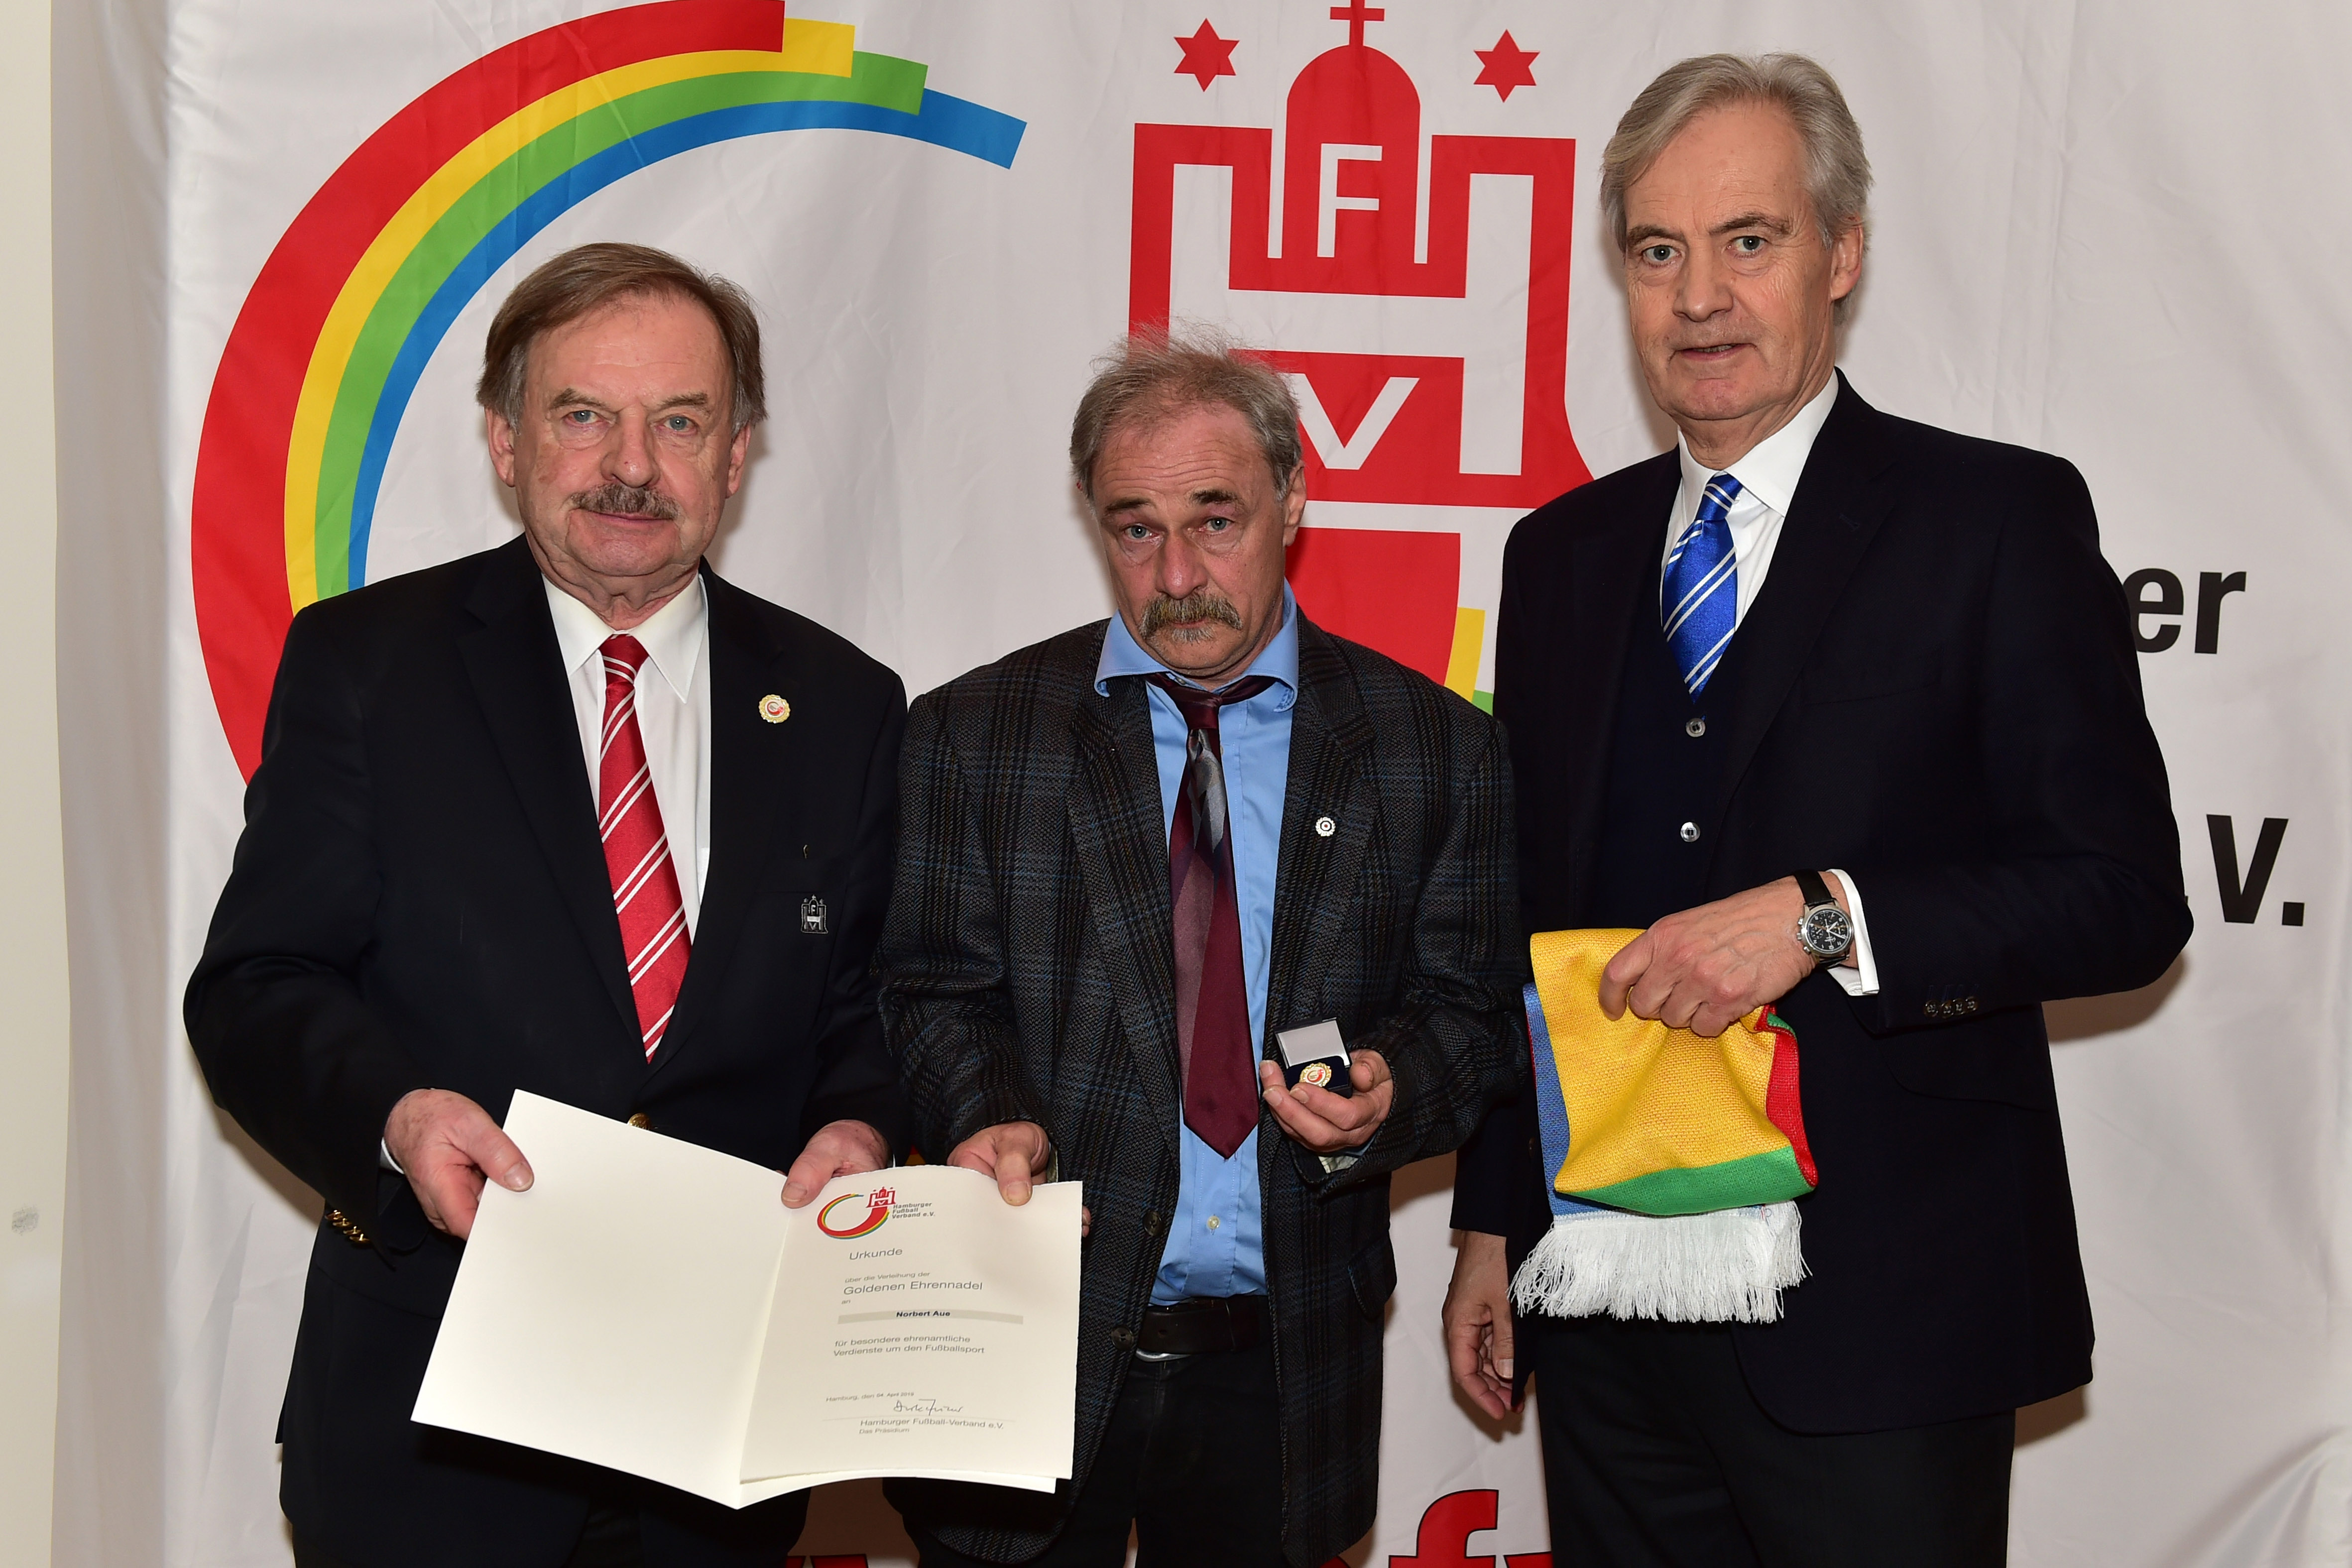 HFV -Norbert Aue mit HFV-Präsident Dirk Fischer und HFV-Vizepräsident Carl-Edgar Jarchow